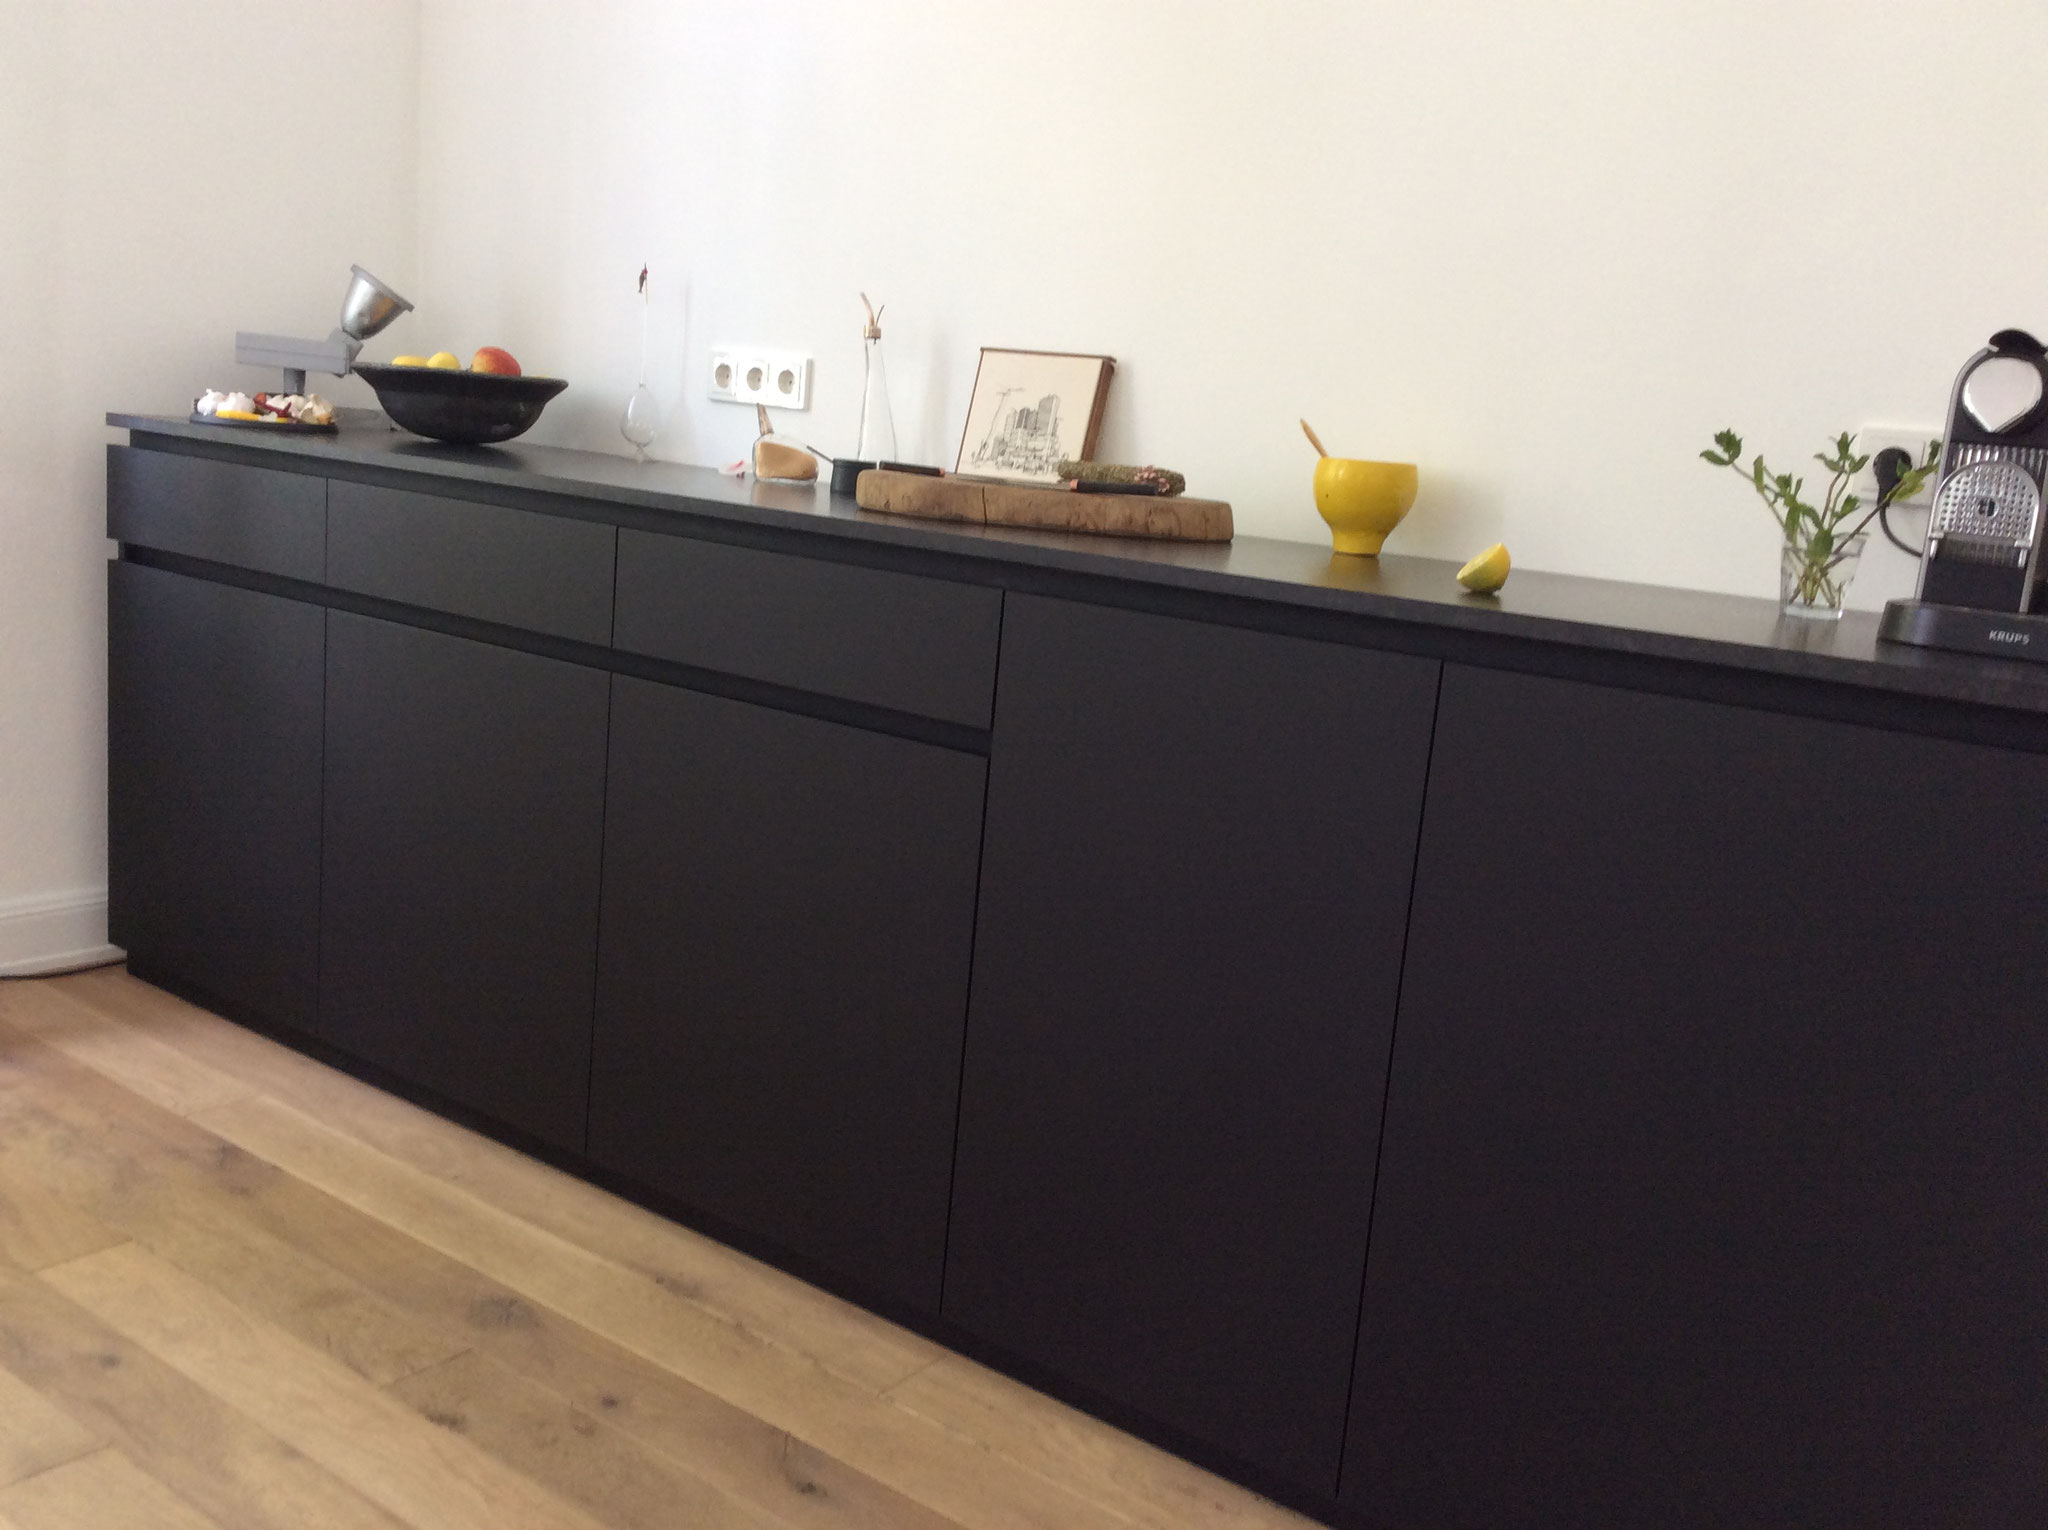 küche schwarz matt - mirko danckwerts möbelgestaltung